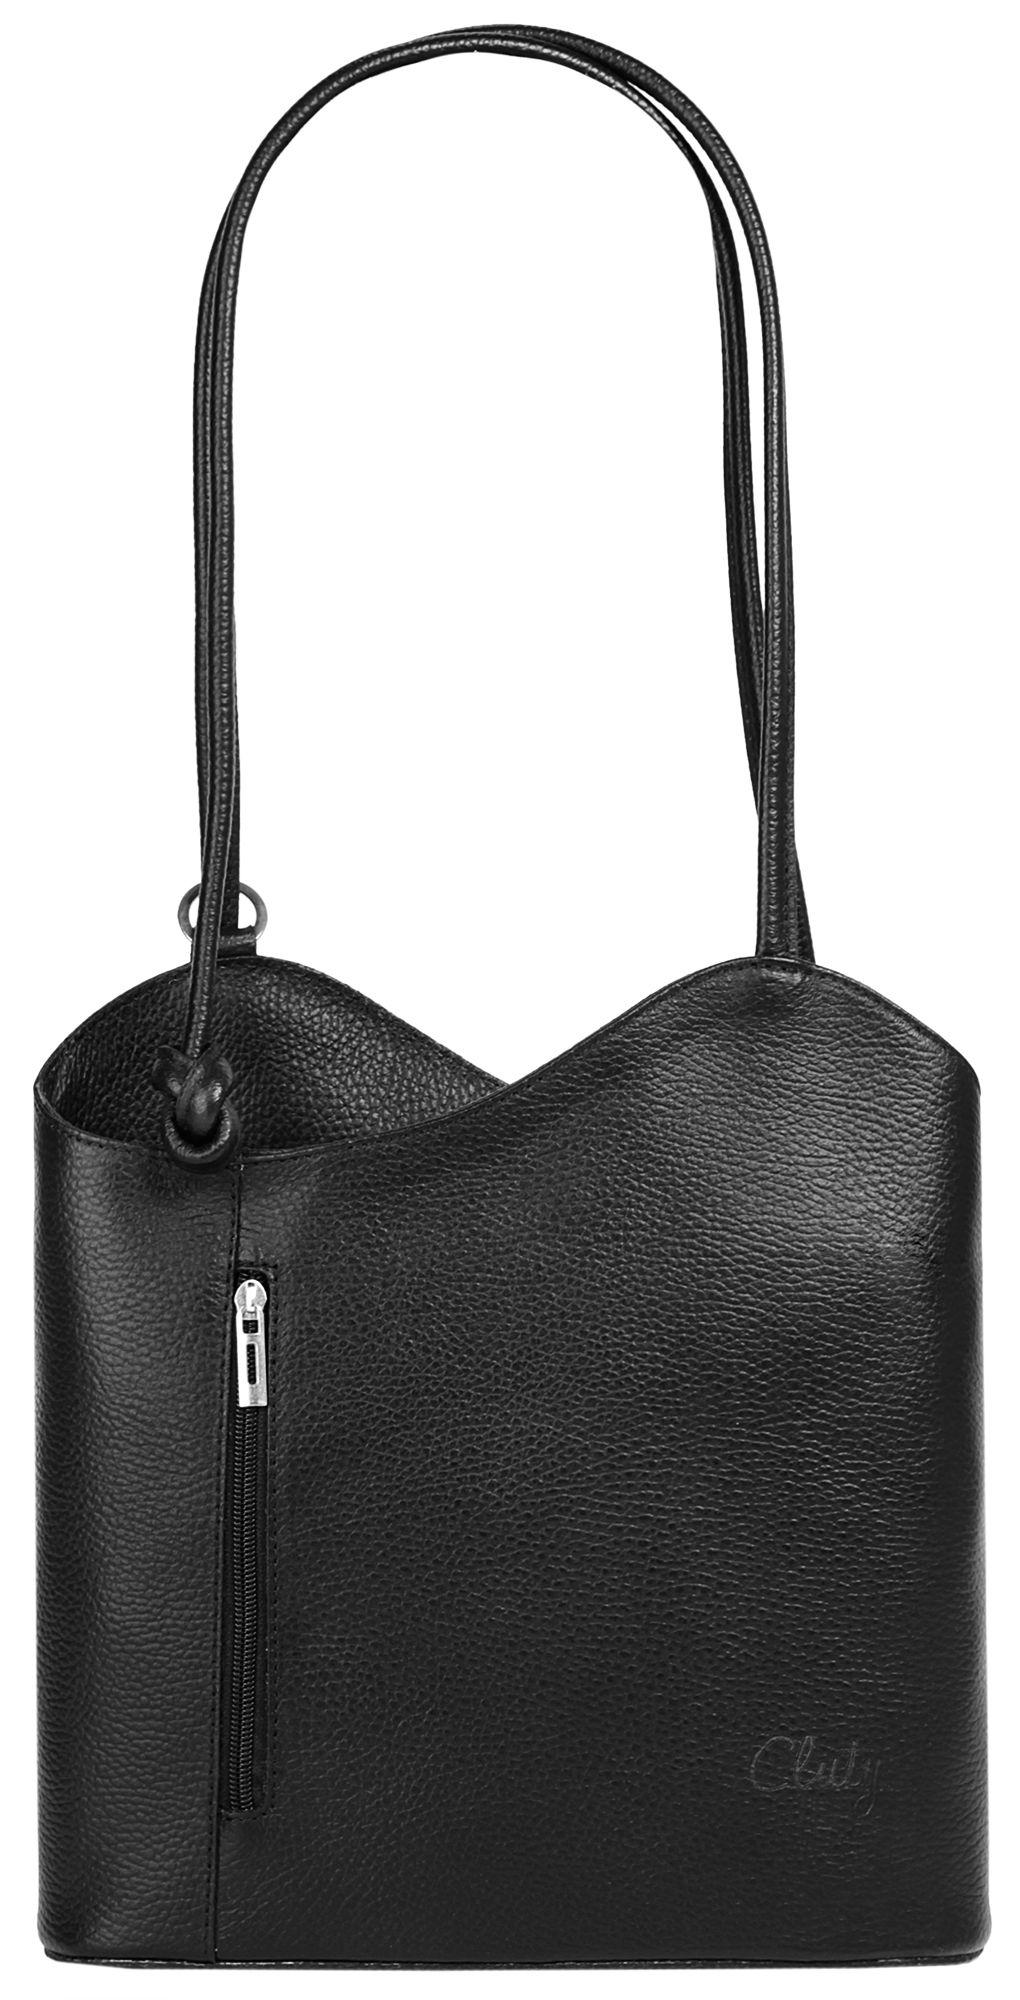 CLUTY Cluty Leder Damen Shopper Rucksack Kombination